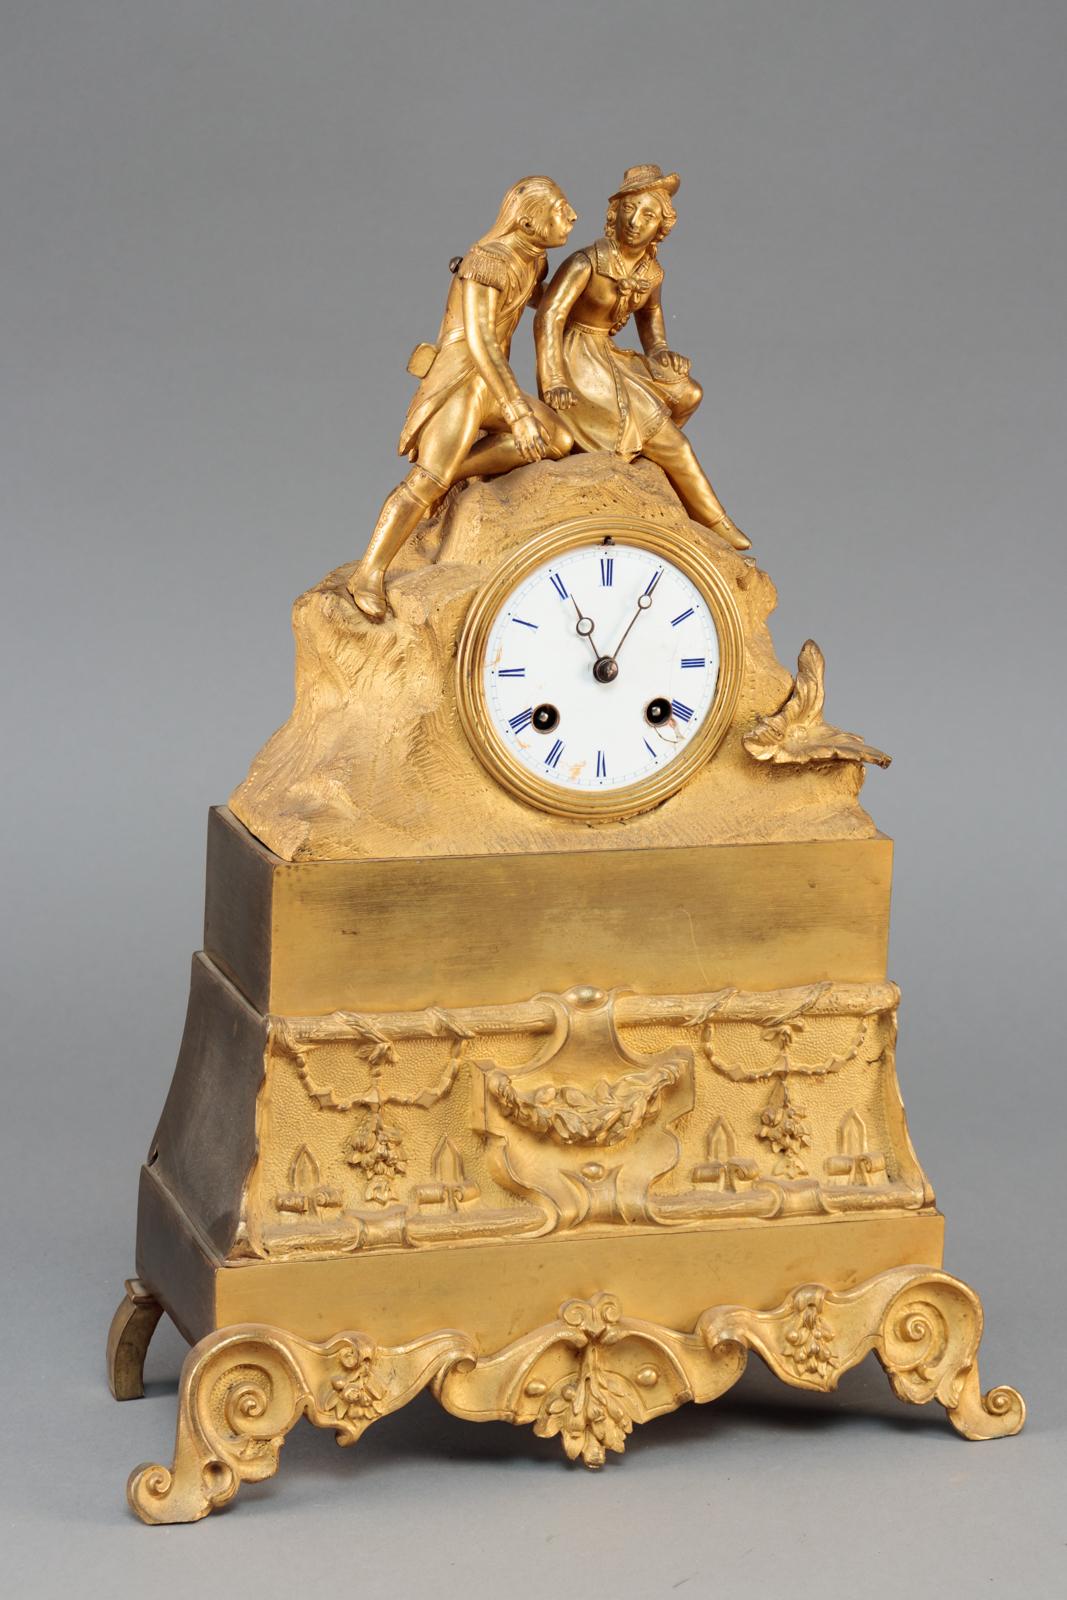 Napoleon III kaminur af forgyldt bronze, urhus med soldat og kvinde - Napoleon III kaminur af forgyldt bronze, urhus med soldat og kvinde, skive med romertal. Støbt med ornamentik, blomster og bladværk. Frankrig 19. årh.s anden halvdel. H. 39 cm. B. 29 cm. D. 11 cm. Pendul og optræksnøgle medfølger